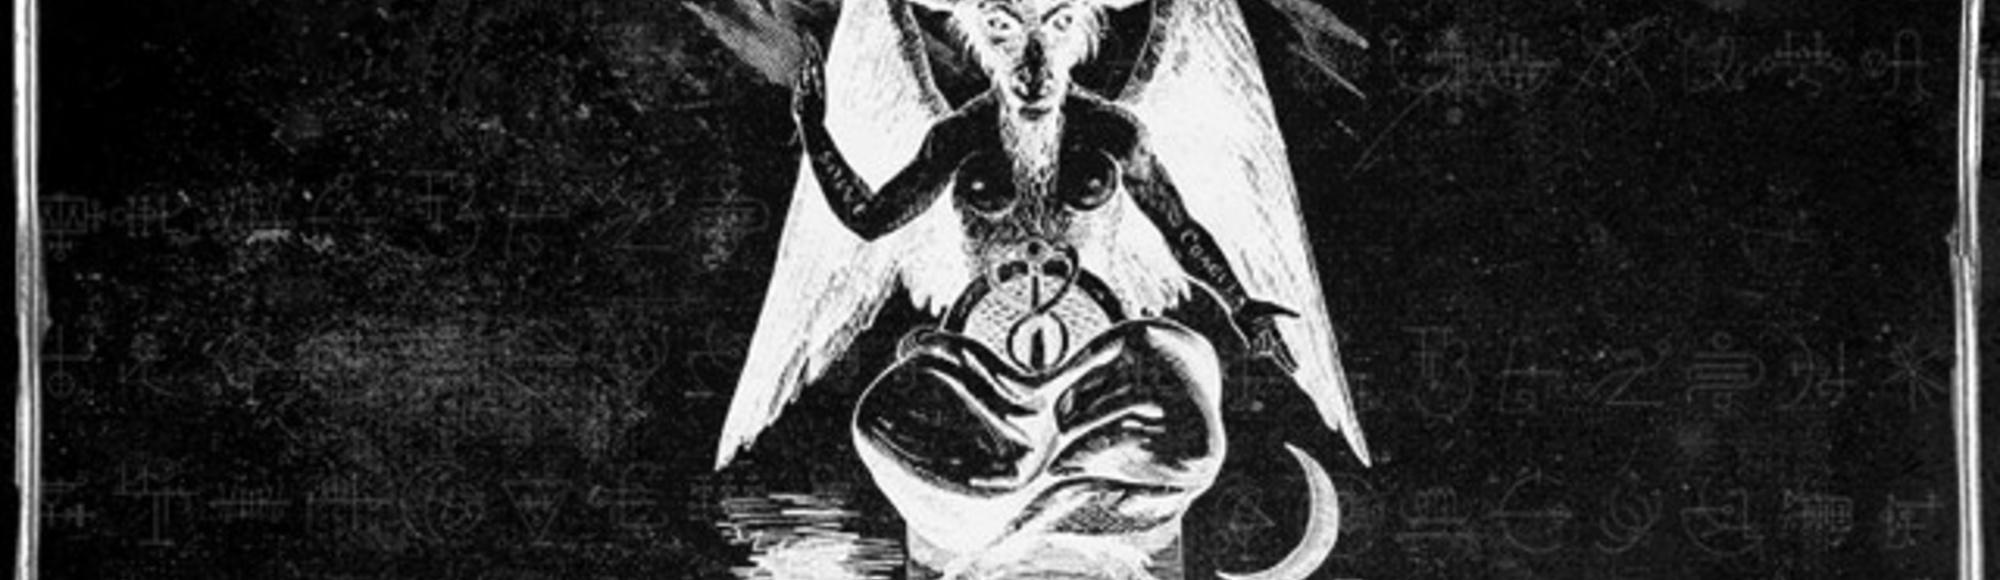 Exorcist Revival